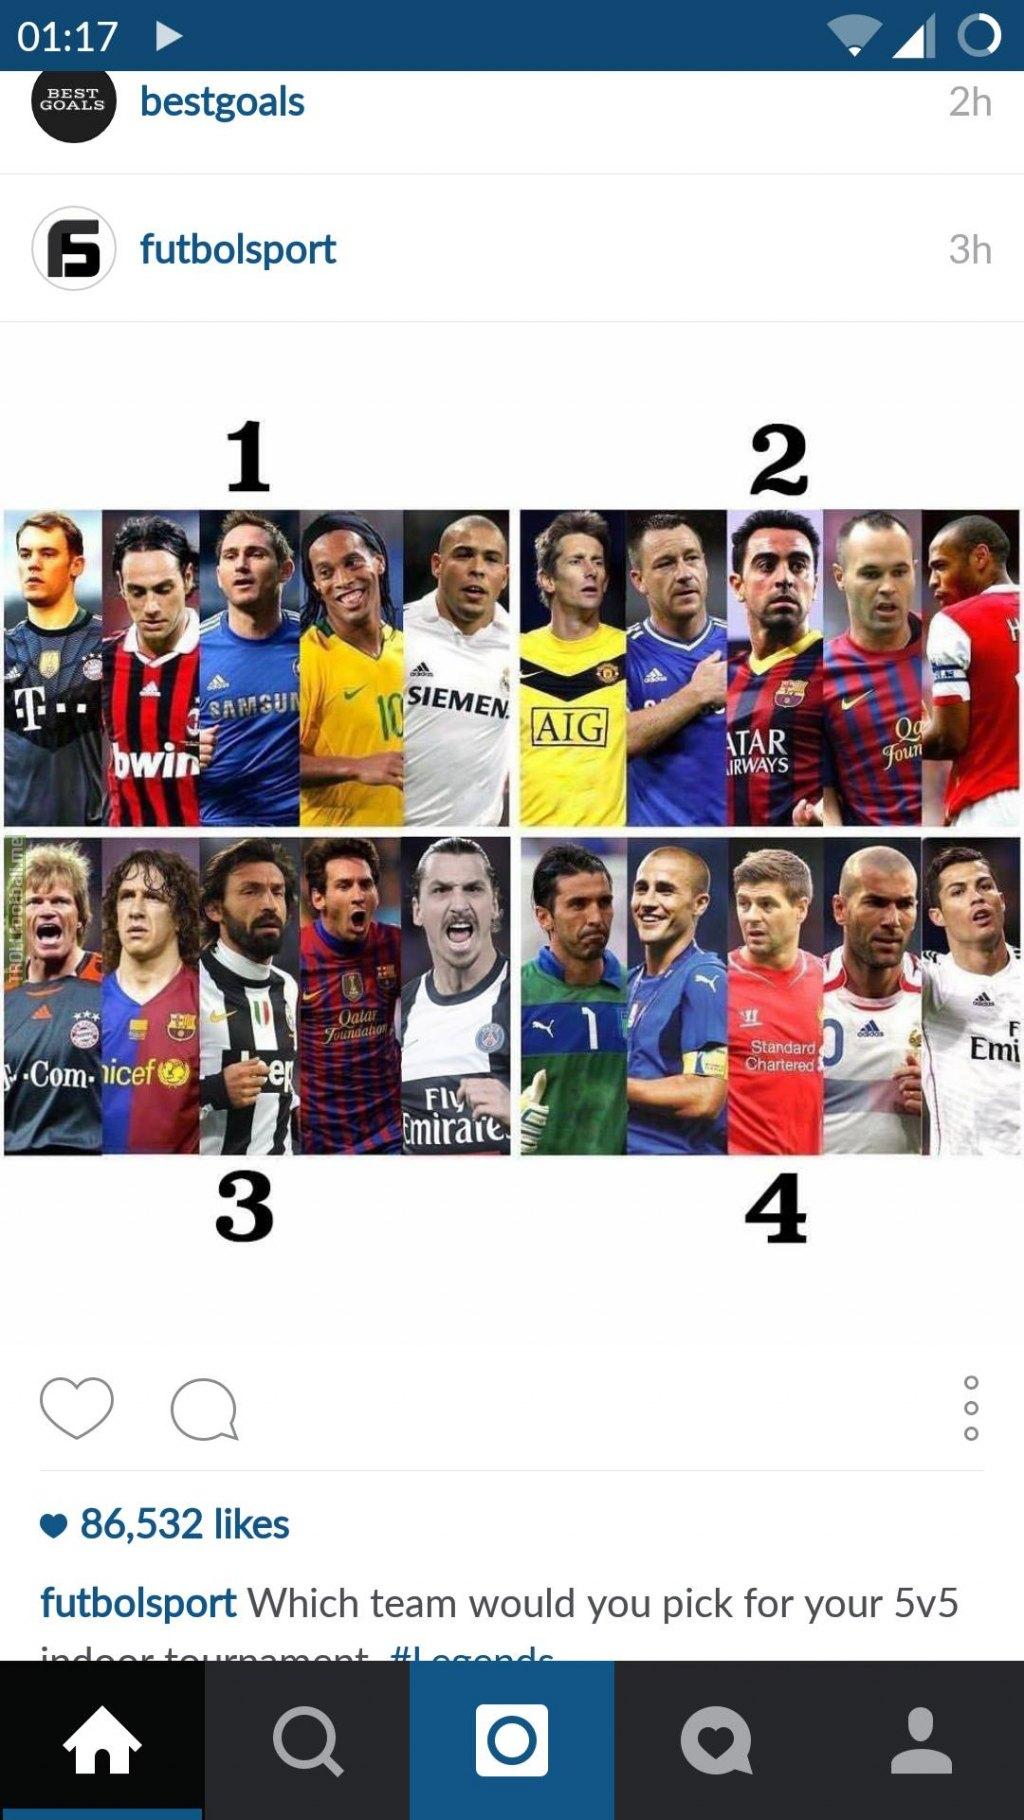 سوالی بسیار سخت!!!!  کدوم تیم 5 نمره رو انتخاب میکنید؟؟؟؟؟